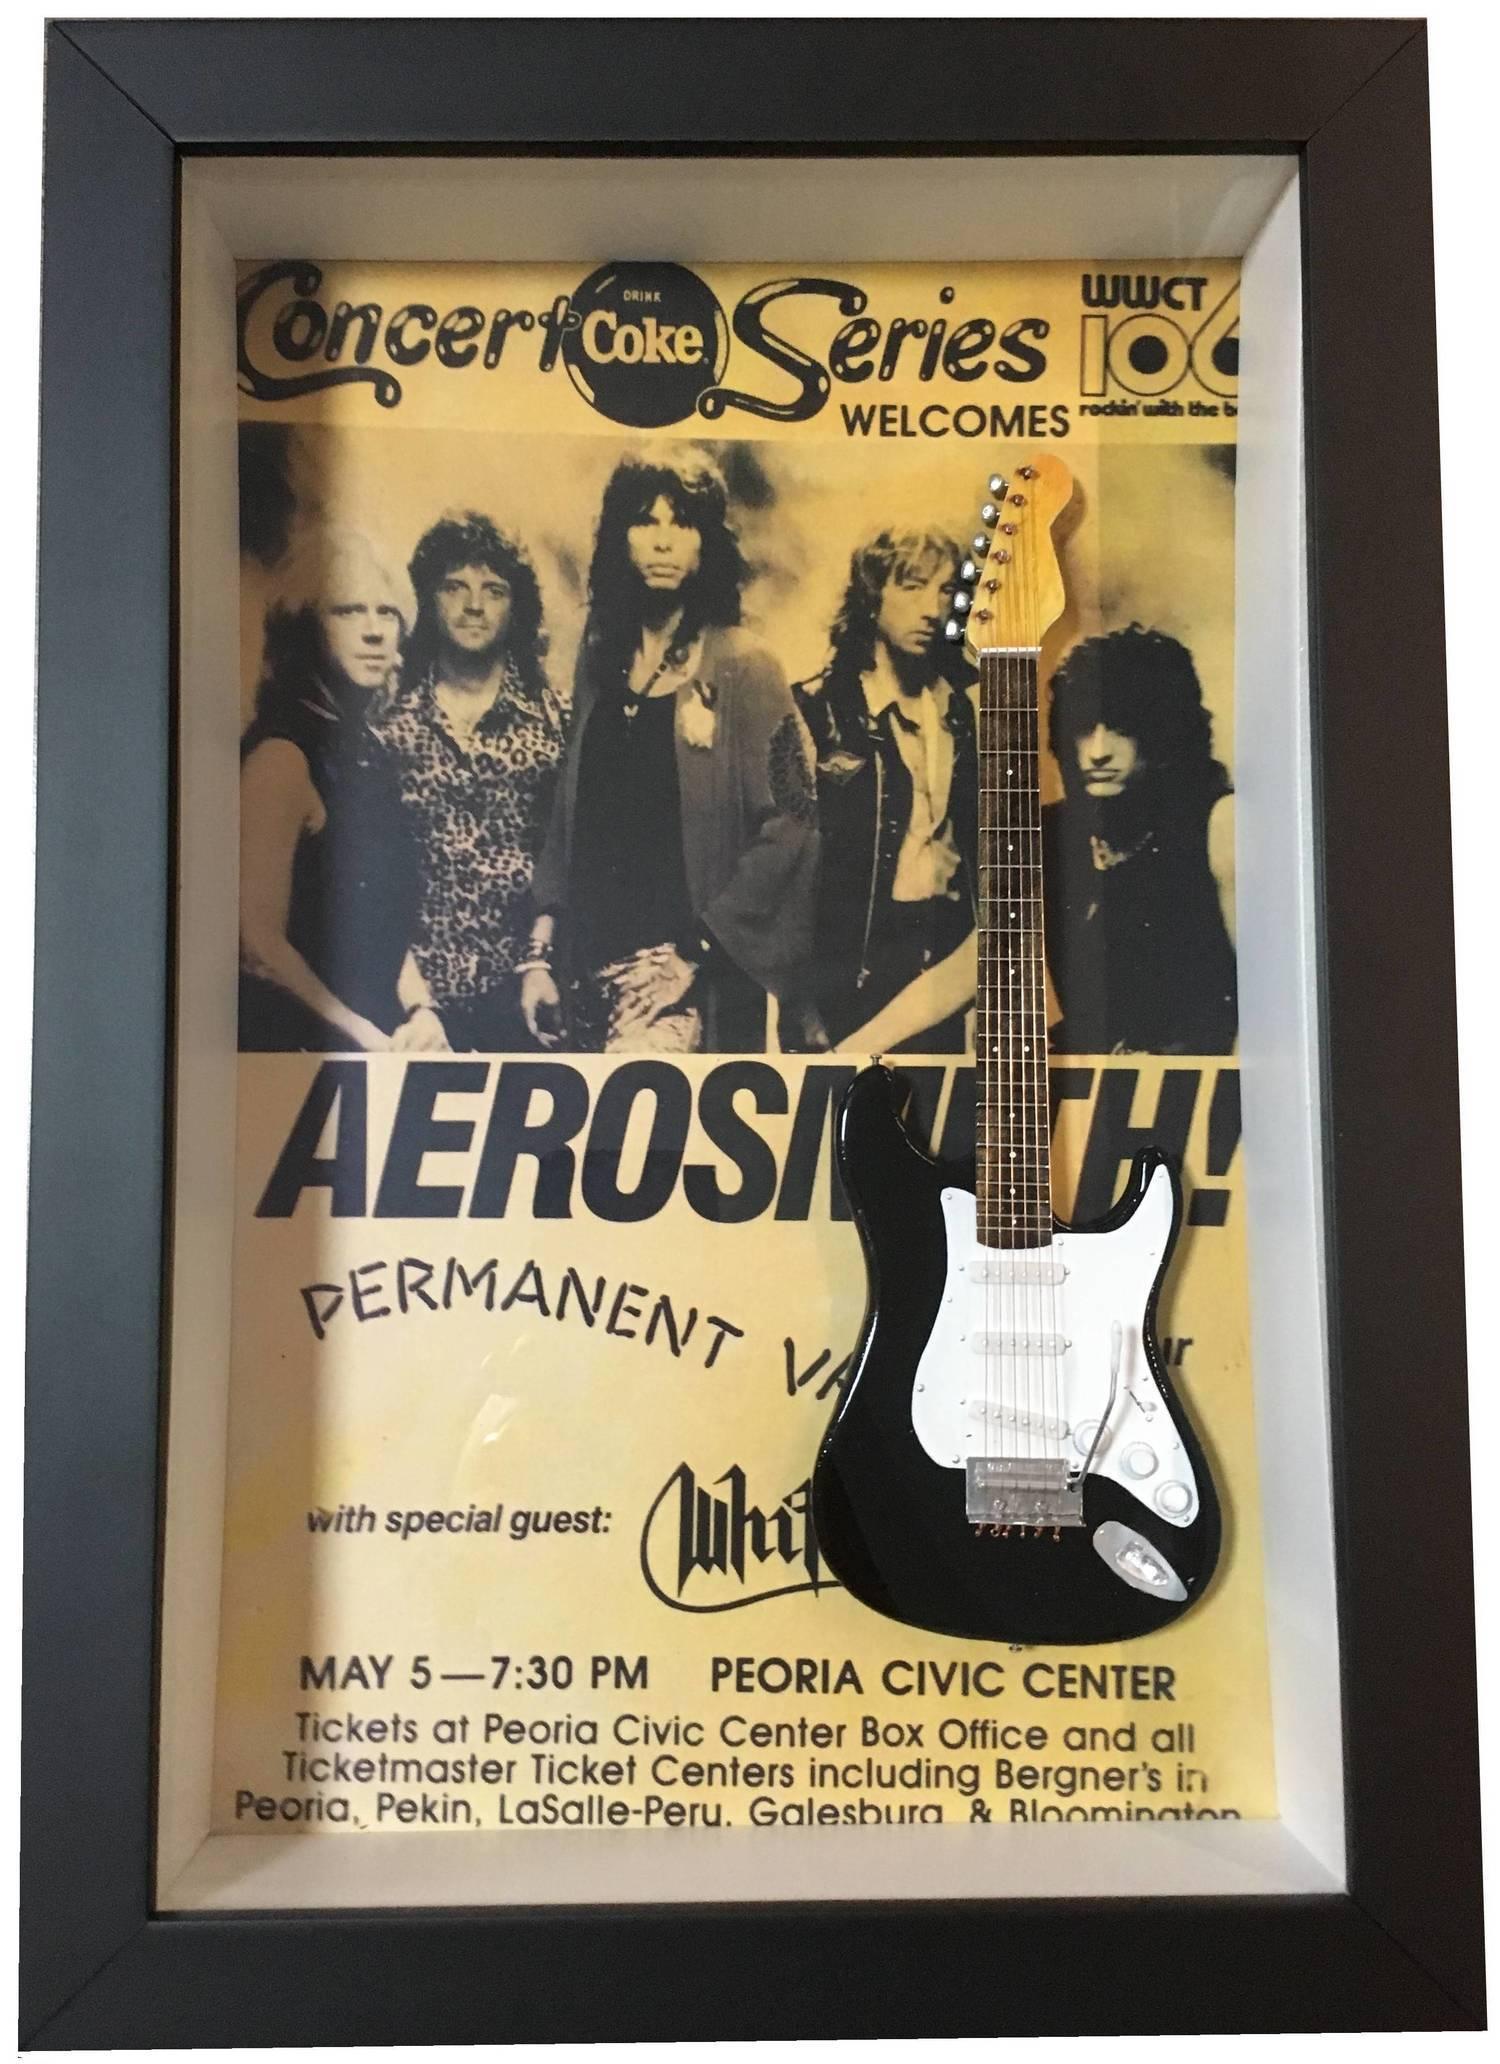 Miniatura Instrumento Musical Guitarra Aerosmith Steven Tyler com quadro